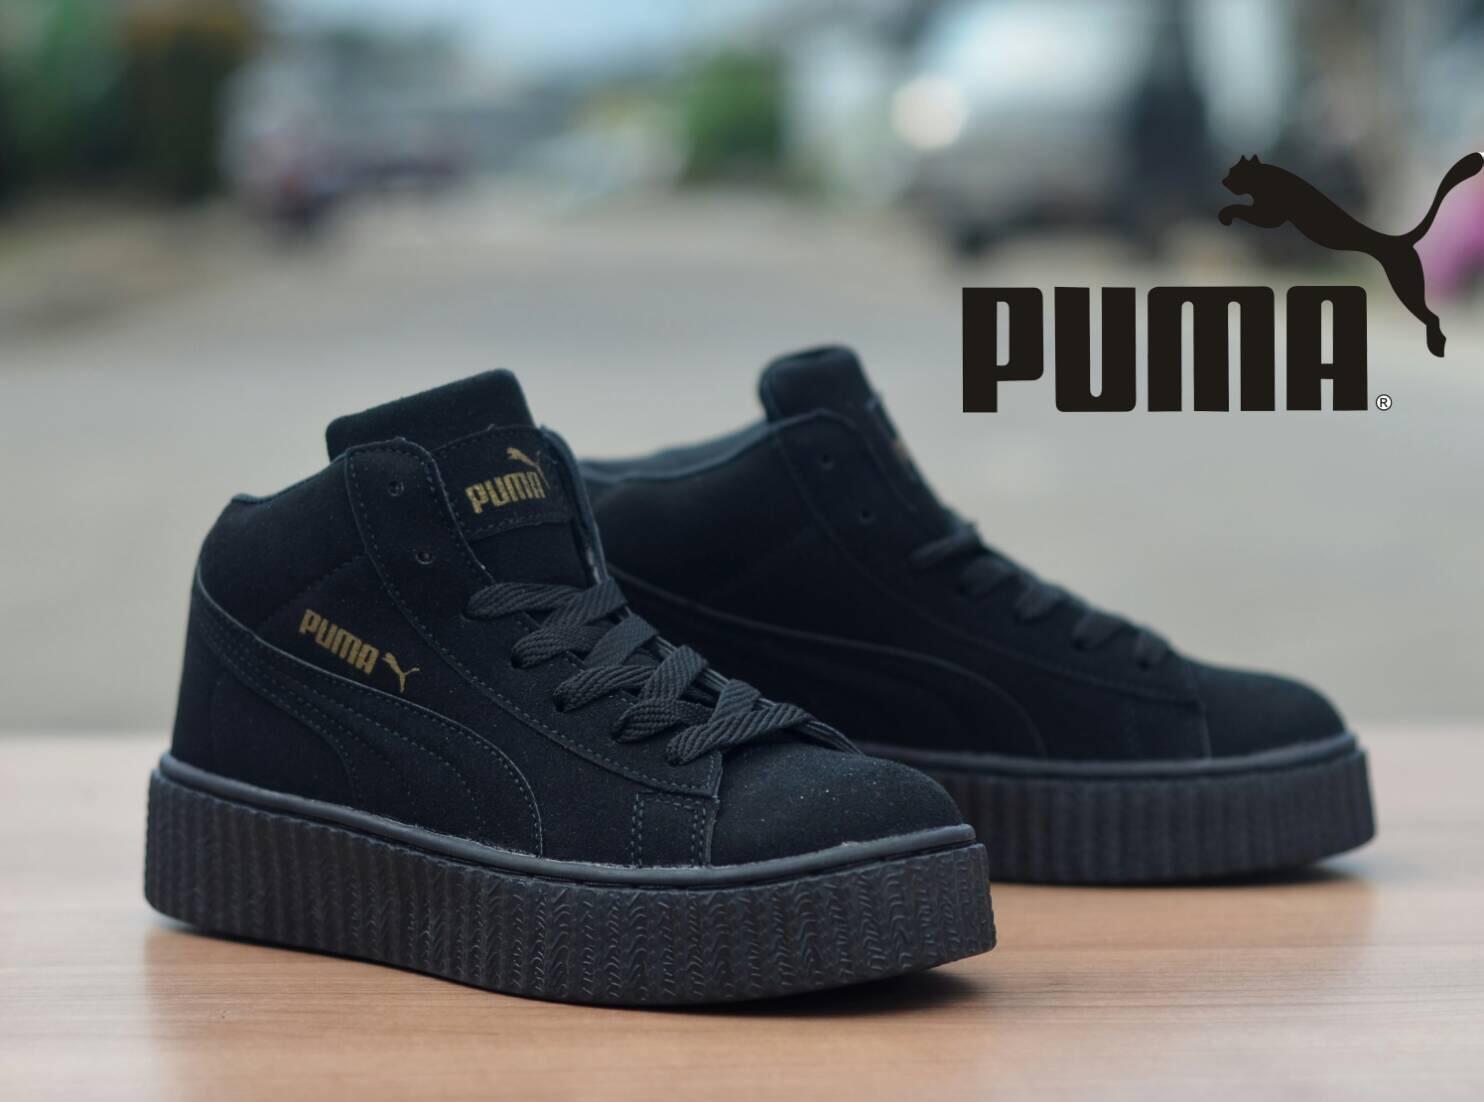 Sepatu Puma Rihanna Women Full Black - Pesyen Store cbfa682724